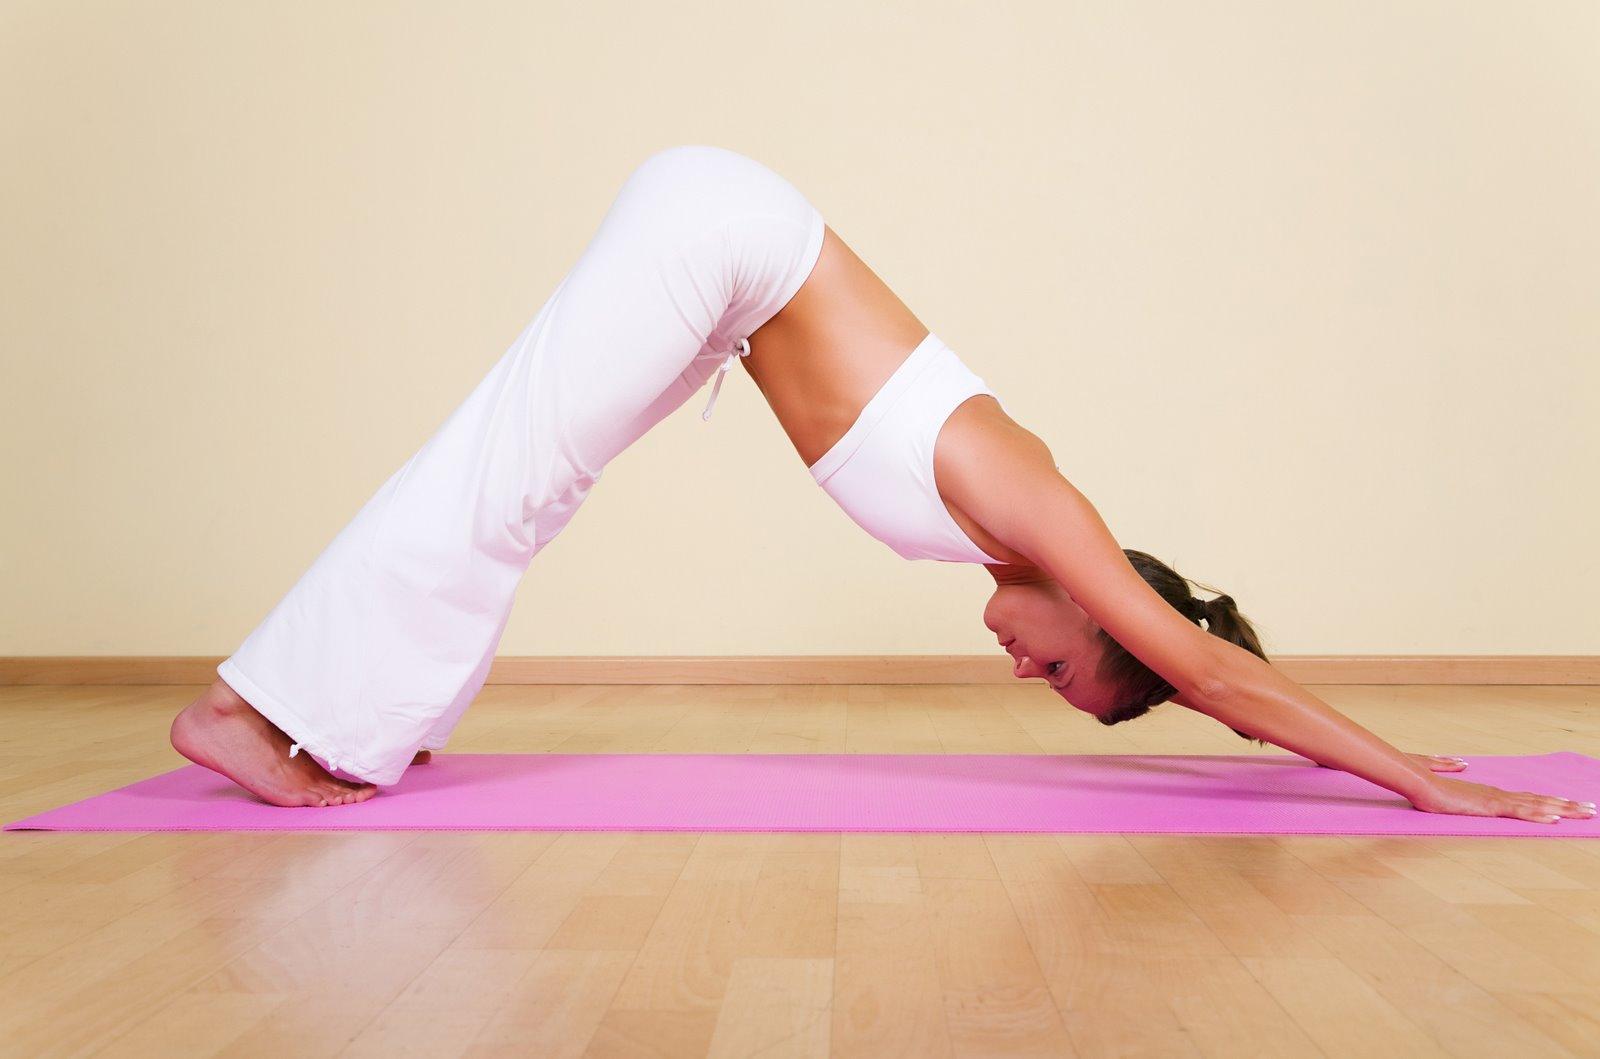 Упражнения хатха йога для начинающих